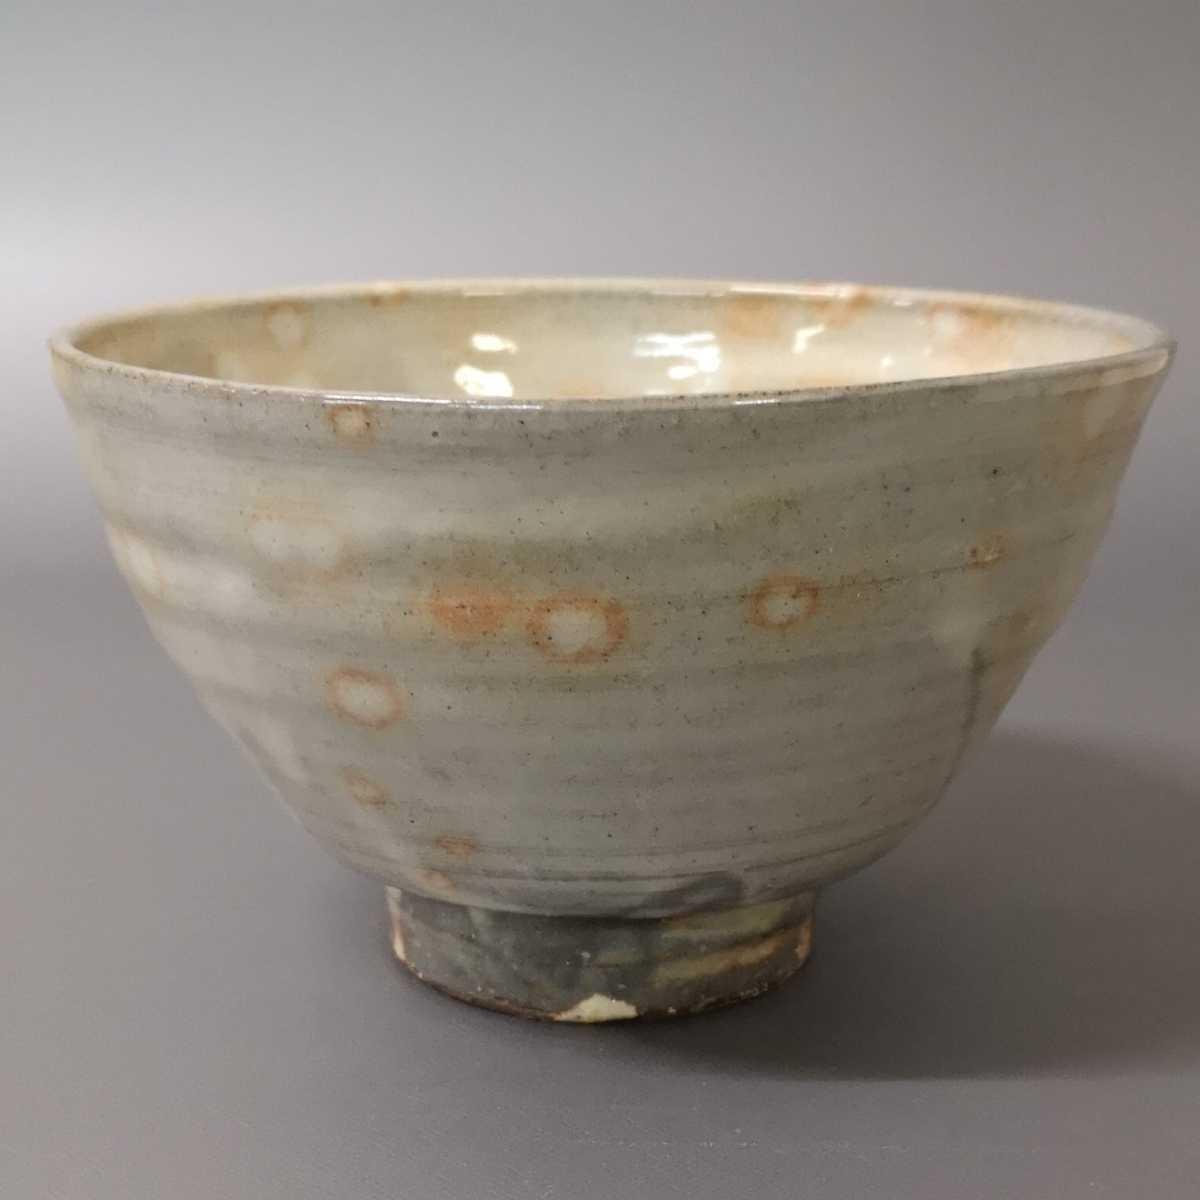 想28)萩焼 山根清玩 御飯茶碗 飯碗 未使用新品 同梱歓迎_画像3